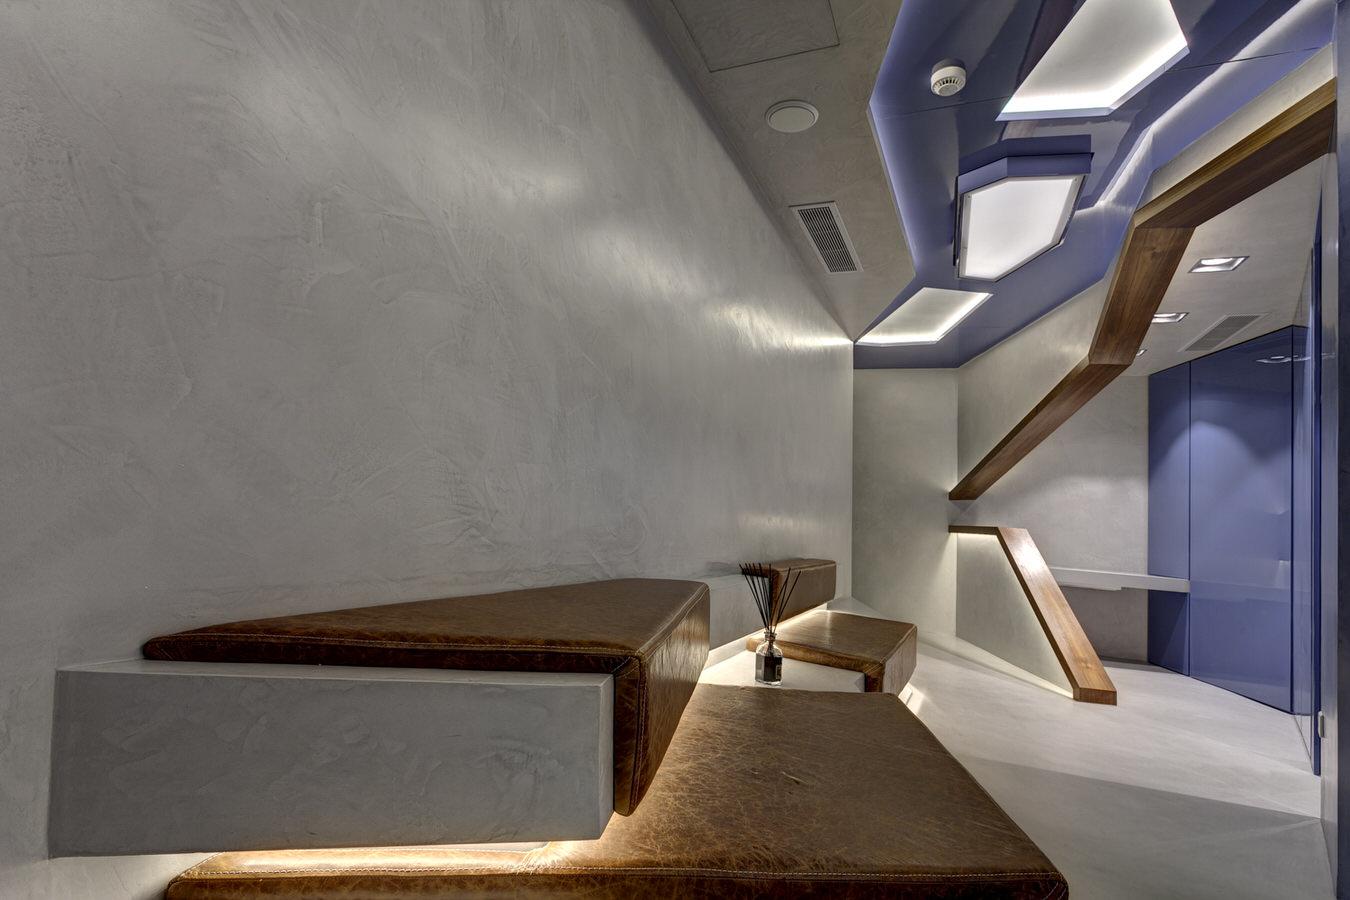 VORONOI CLINIC, Γιώργος Φάκαρος - Αρχιτεκτονική Φωτογραφία | Εσωτερικοί Χώροι | Φωτογραφία Ξενοδοχειών - Photography / Φωτογραφία